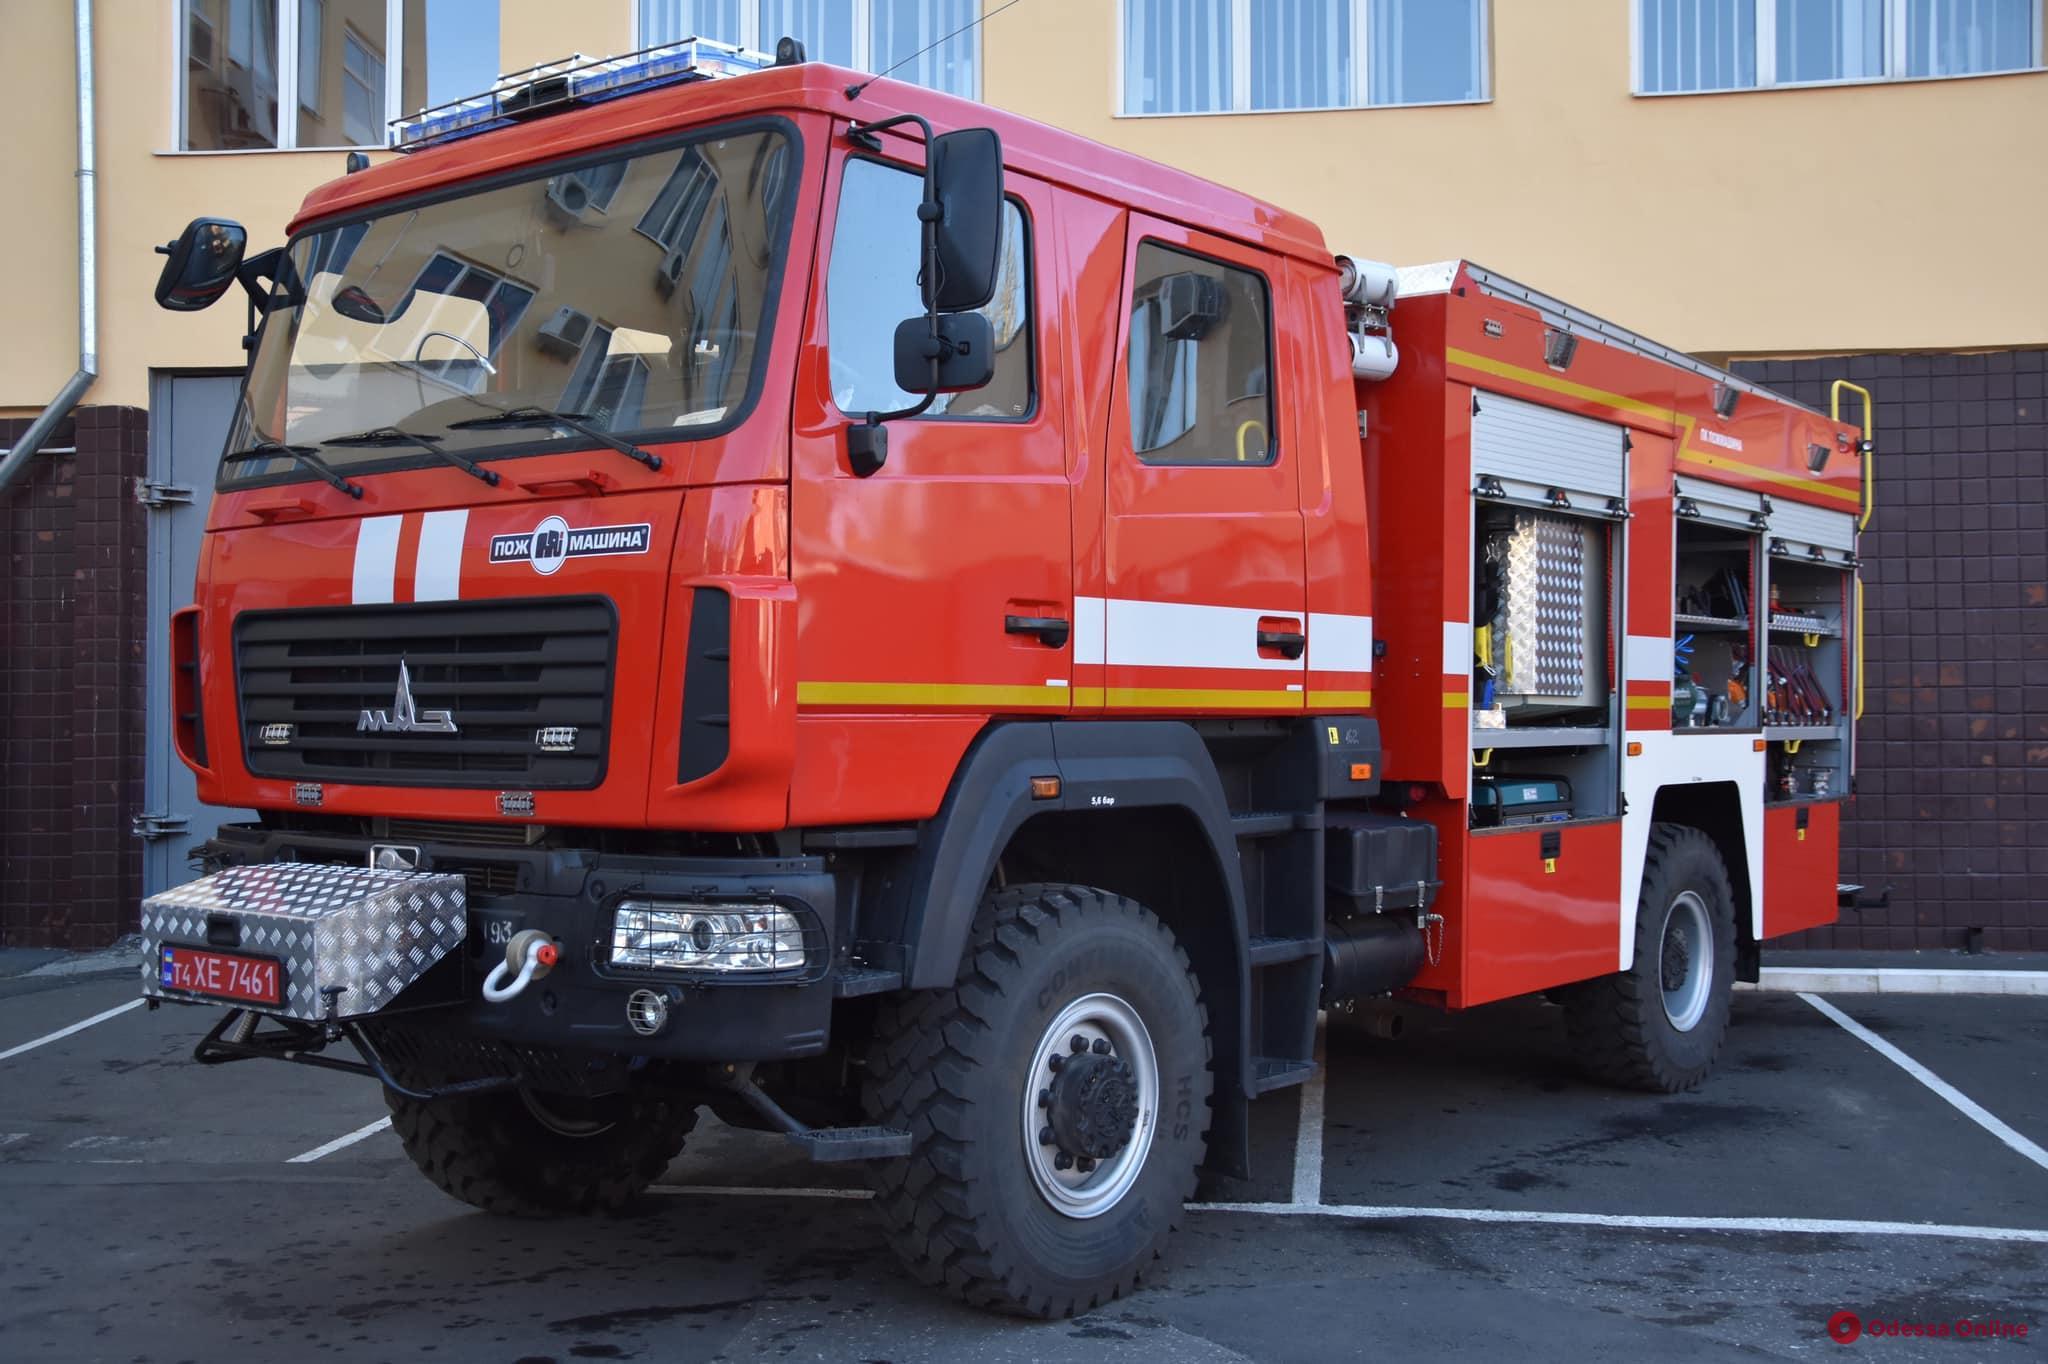 Спасатели курортного поселка в Одесской области получили современную пожарную технику